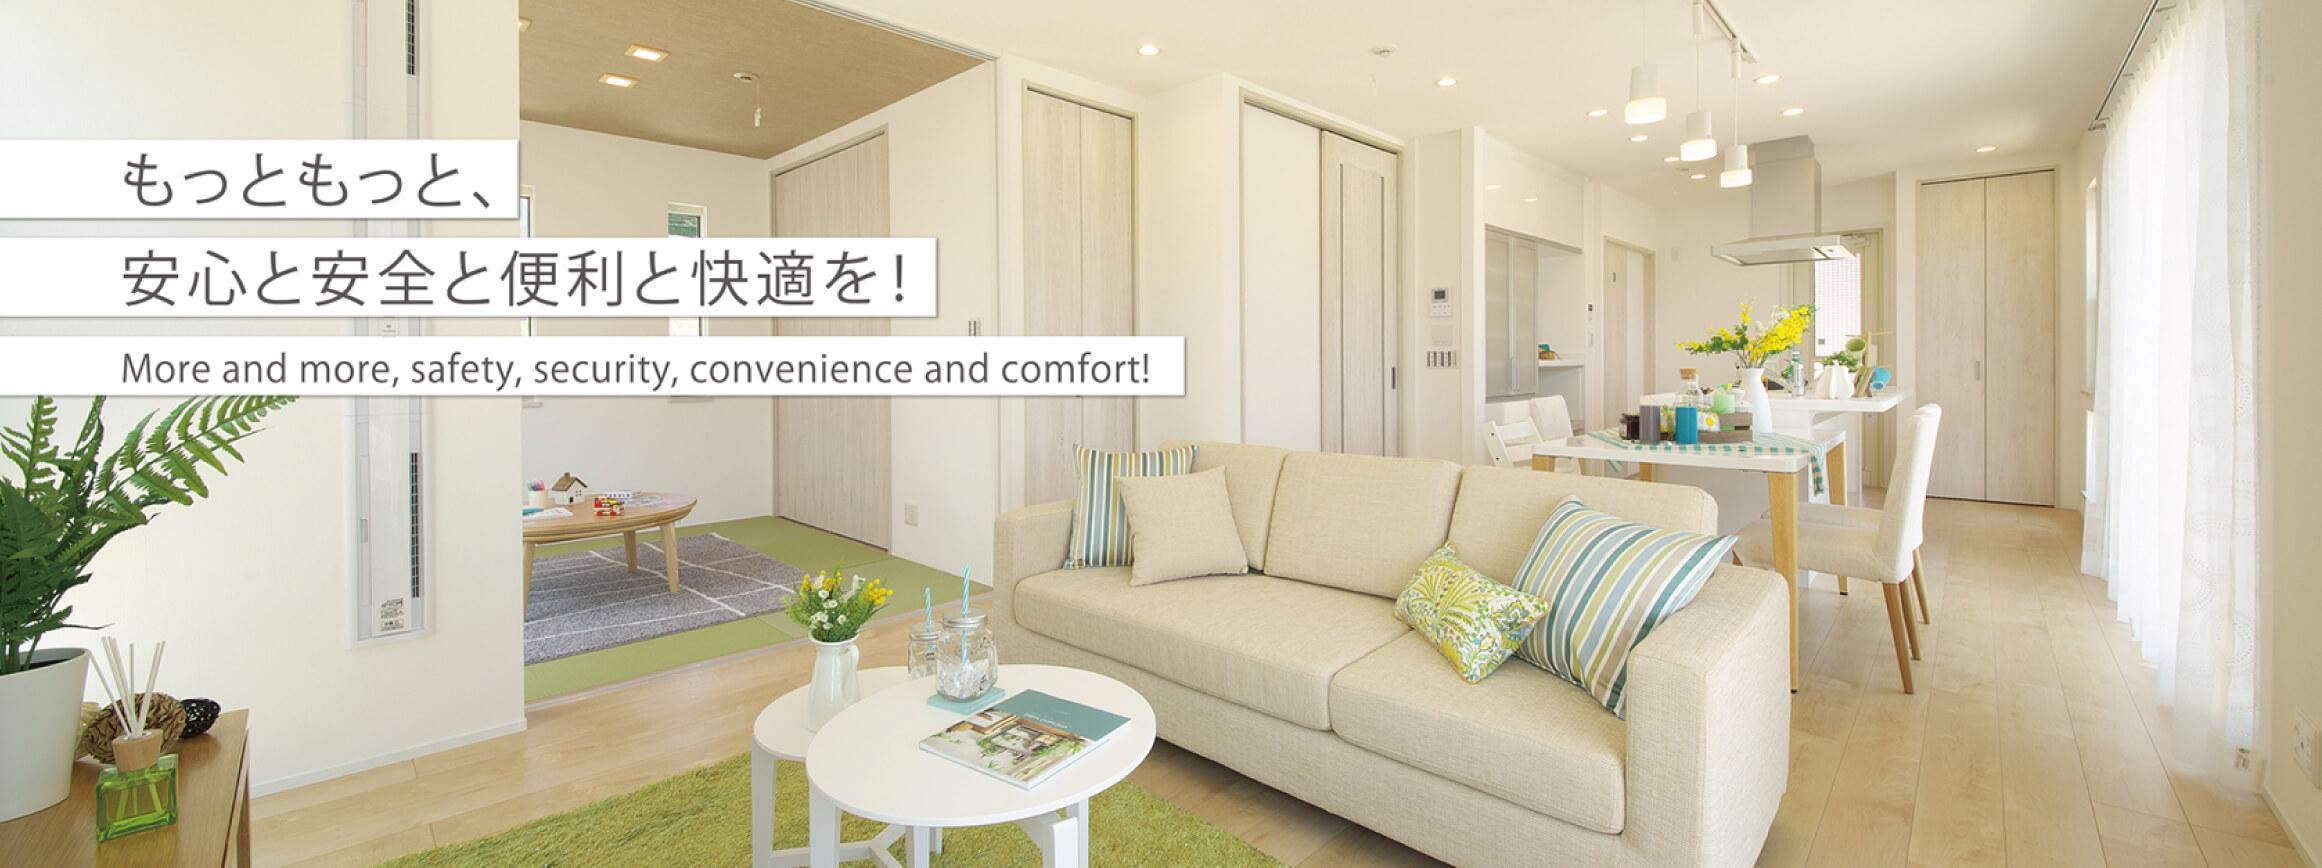 もっともっと、安心と安全と便利と快適を!More and more,safety,security,convenience and comfort!